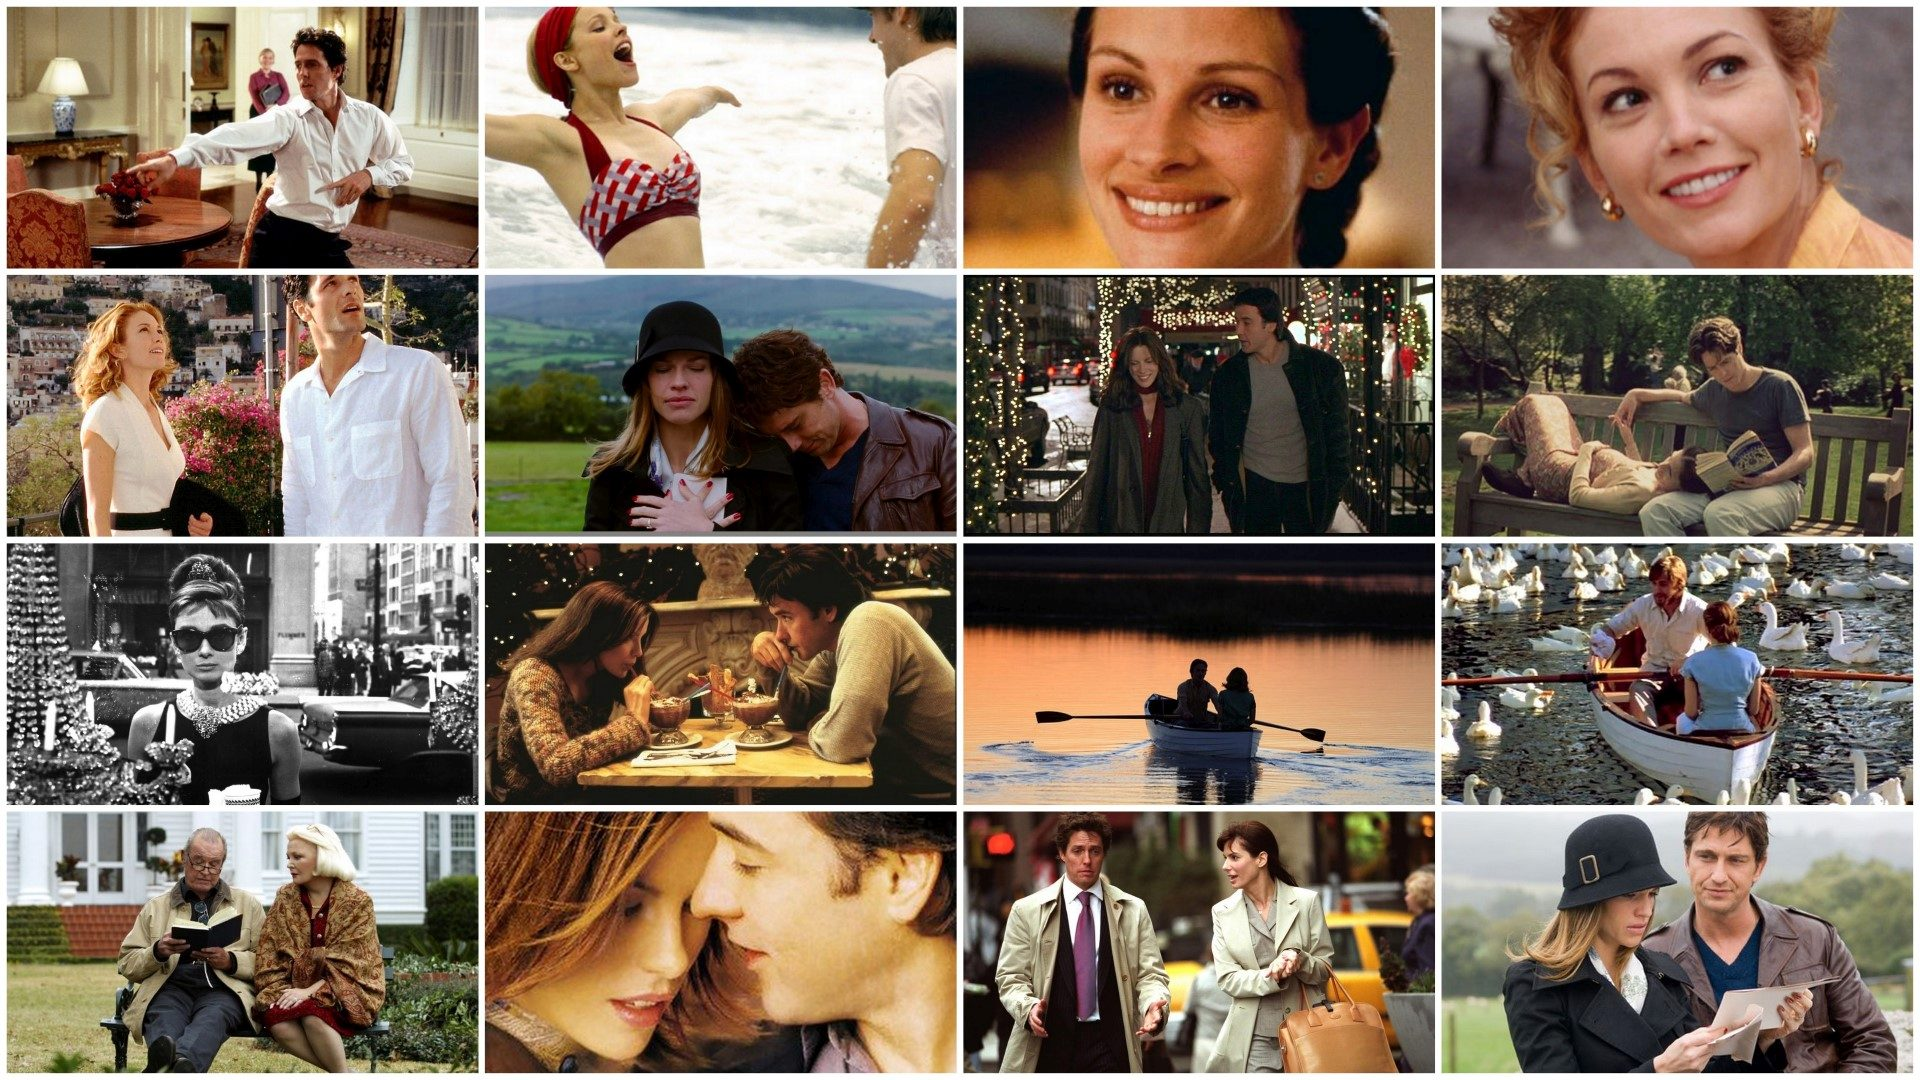 ,romantikus filmek,romantikus film,legjobb romantikus filmek,romantika,szerelmes filmek,szerelmes film,szerelmünk lapjai,igazából szerelem,álom luxuskivitelben,ps i love you,filmek,